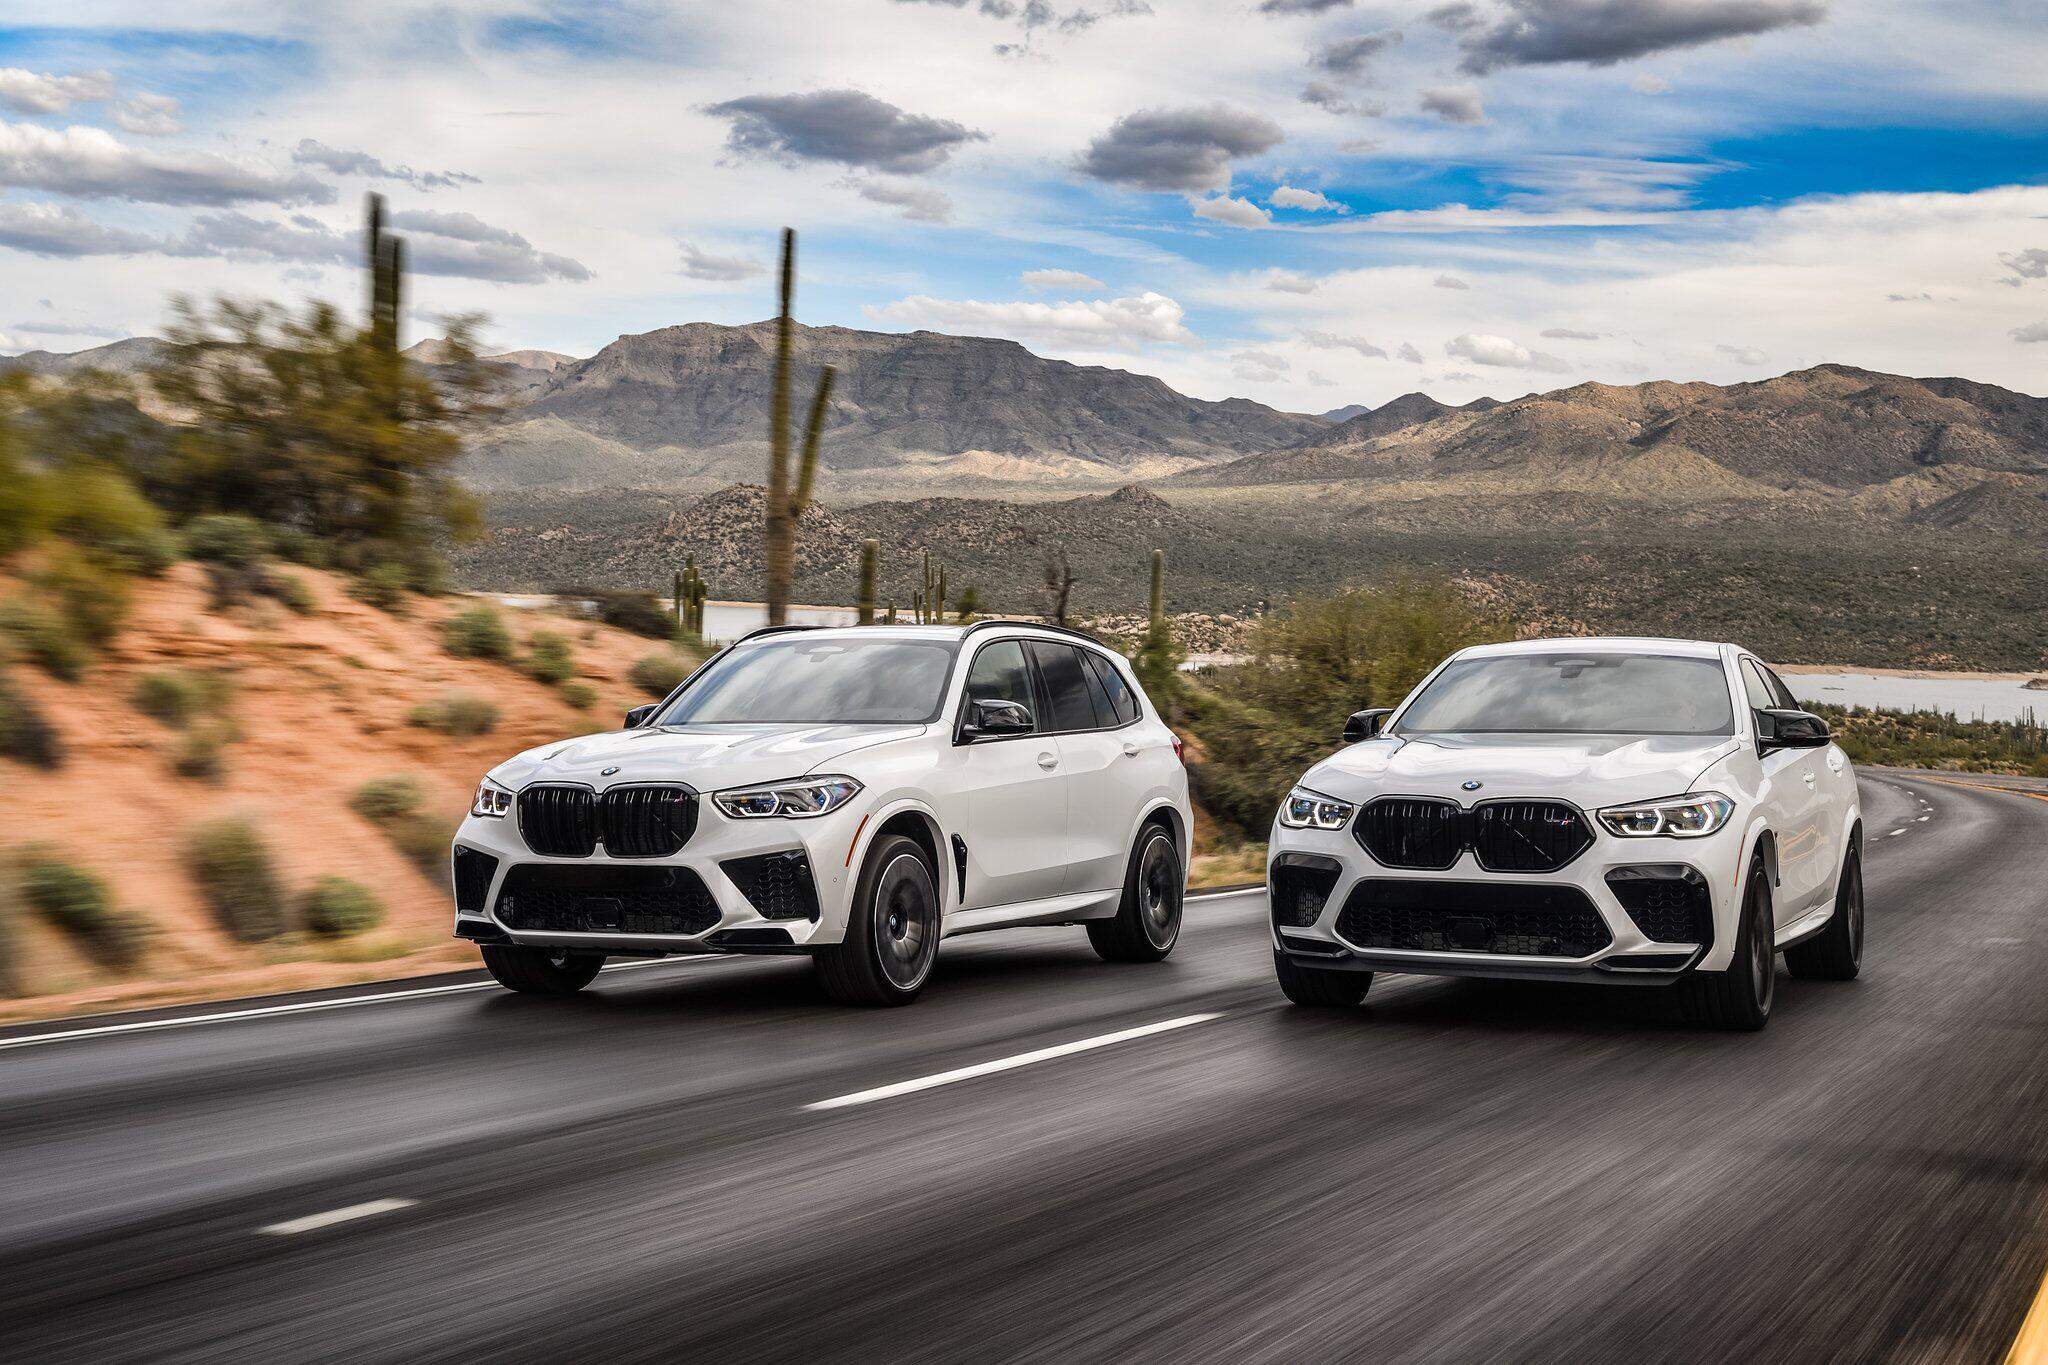 Bild zu Im Mai: BMW bringt M-Versionen von X5 und X6 an den Start